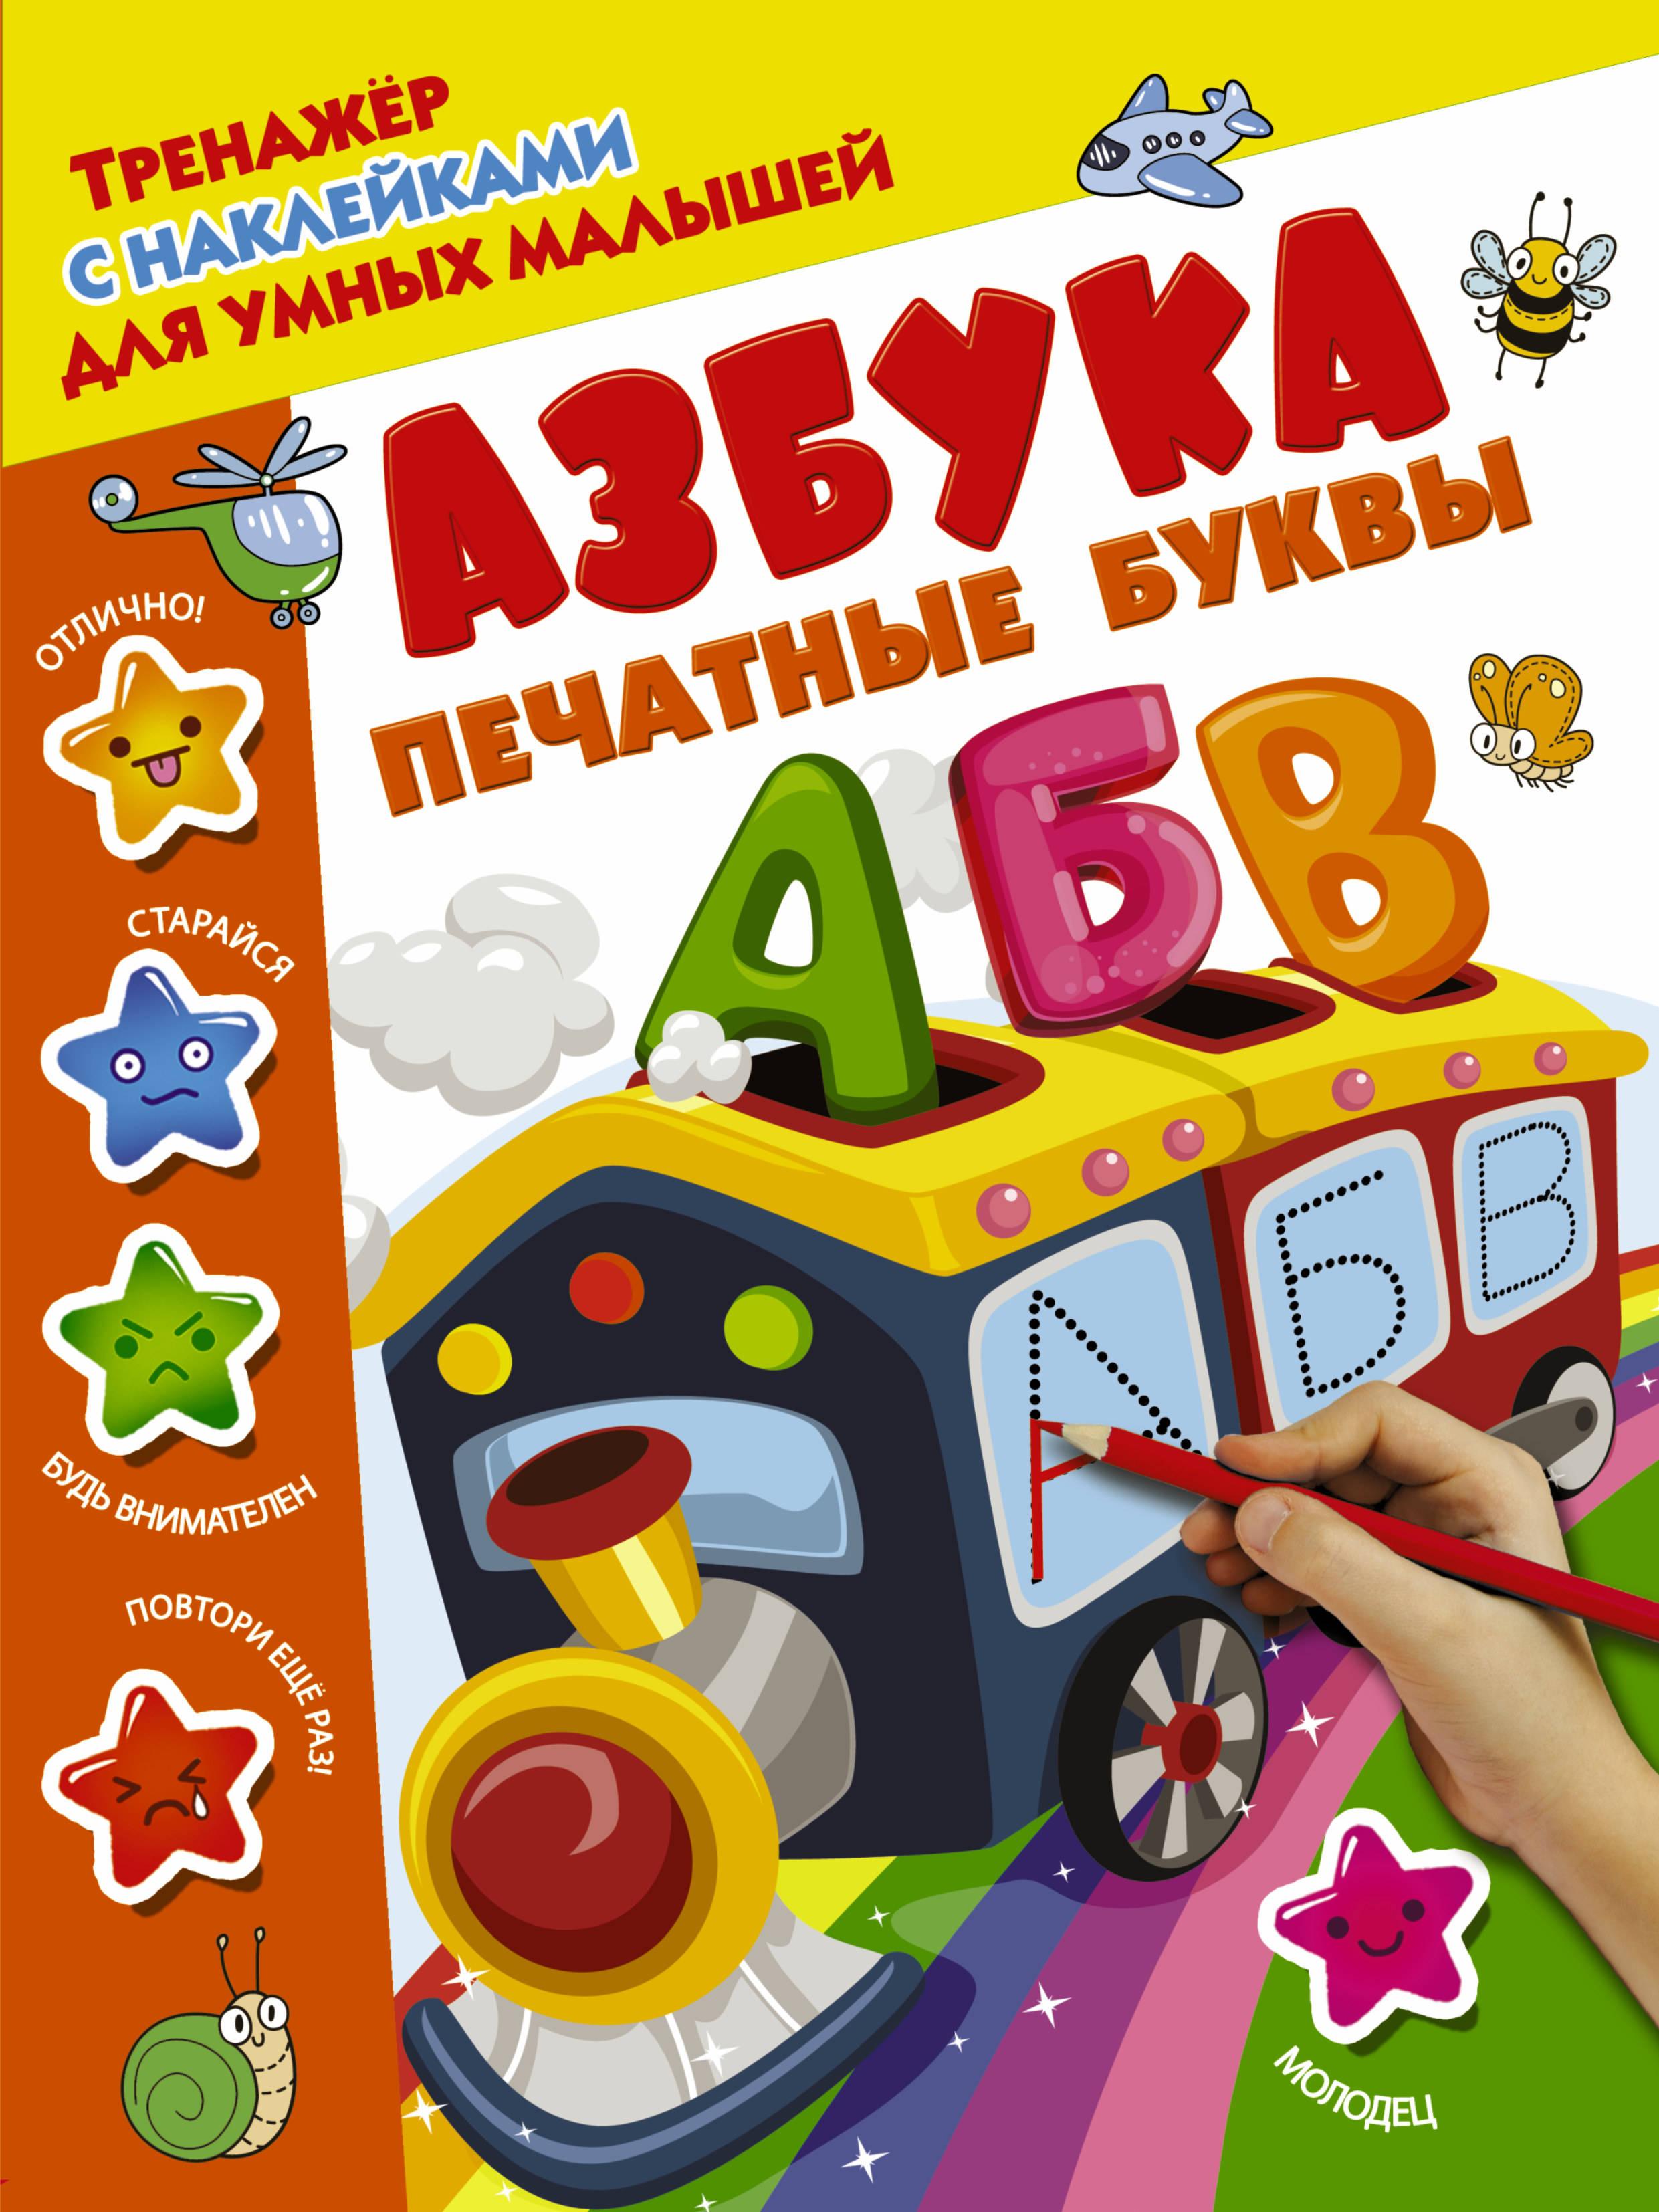 Азбука. Печатные буквы книги хоббитека познаю играя волшебный альбом дошкольника печатные буквы счет до 10 панда